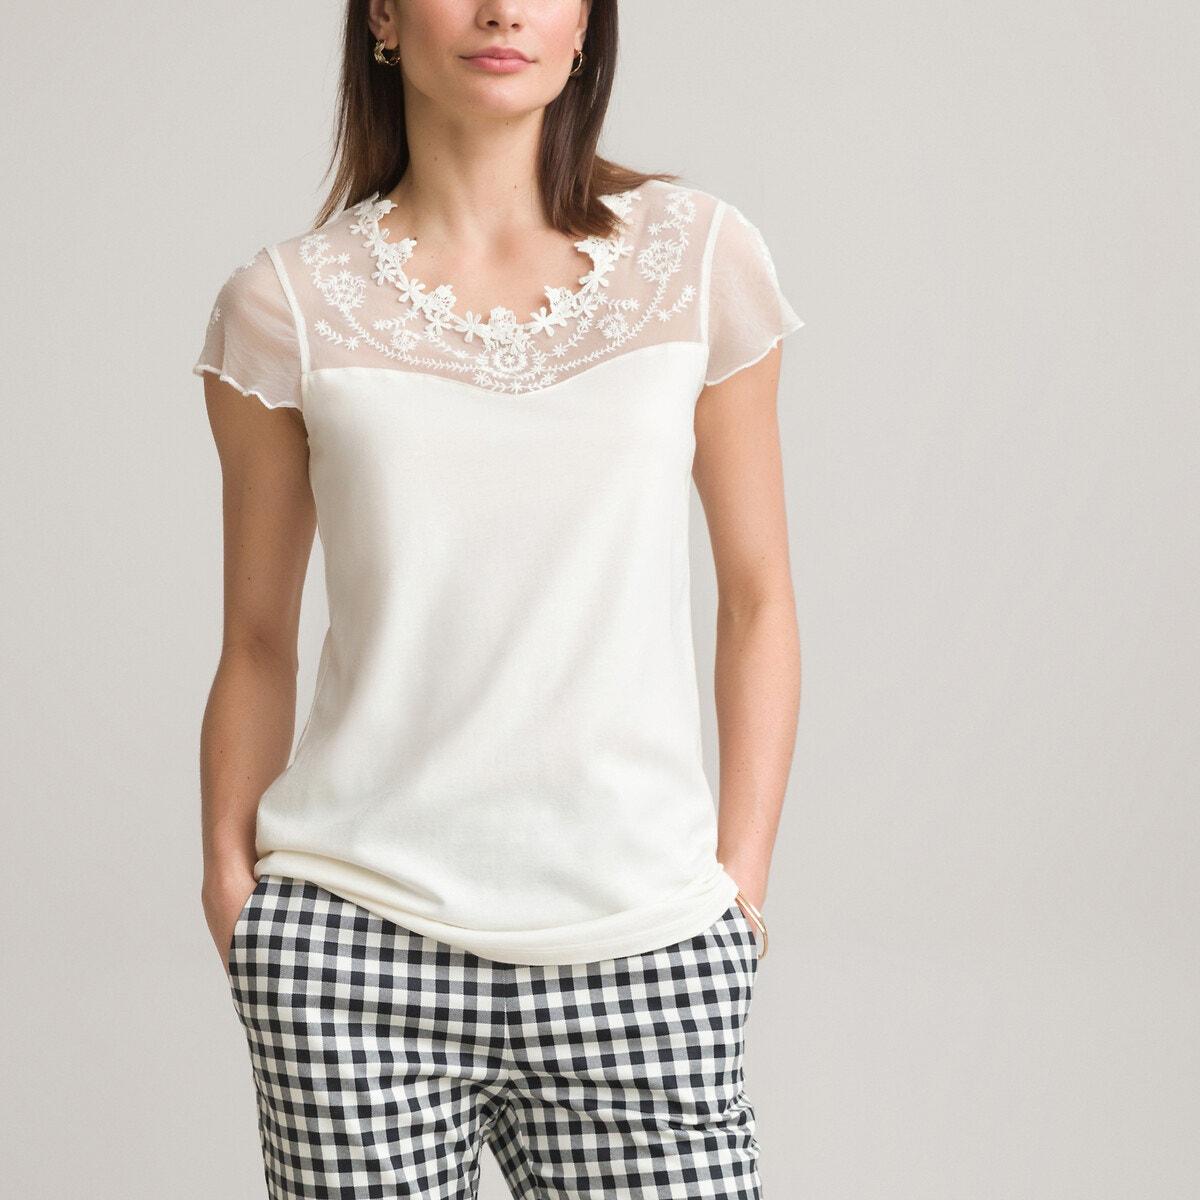 Κοντομάνικη μπλούζα με γκιπούρ δαντέλα και κέντημα γυναικα   μπλούζες   πουκάμισα   t shirts